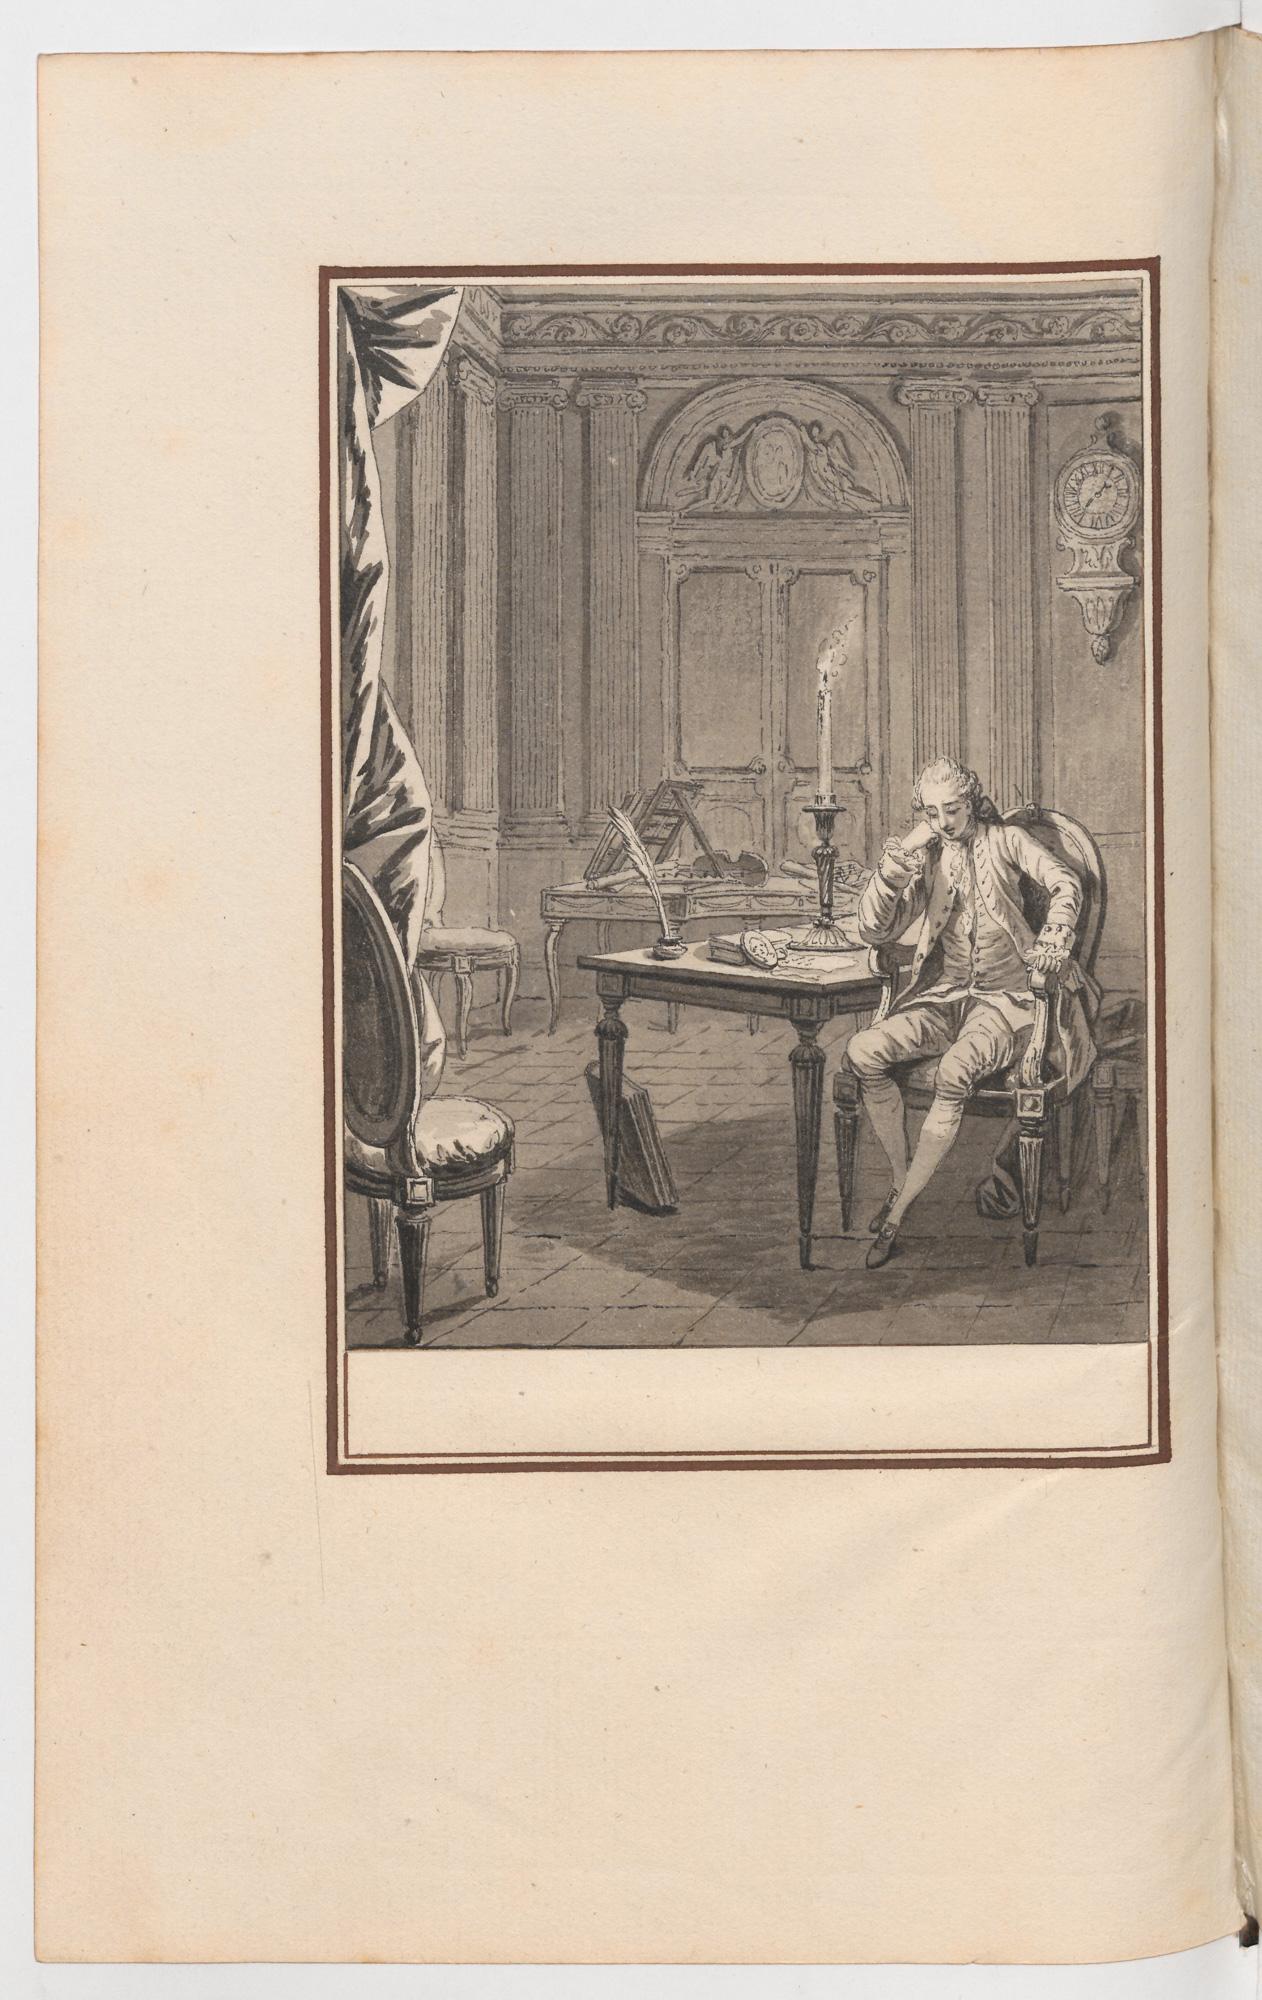 S.3.07 Le recuëillement, Chantilly, Image